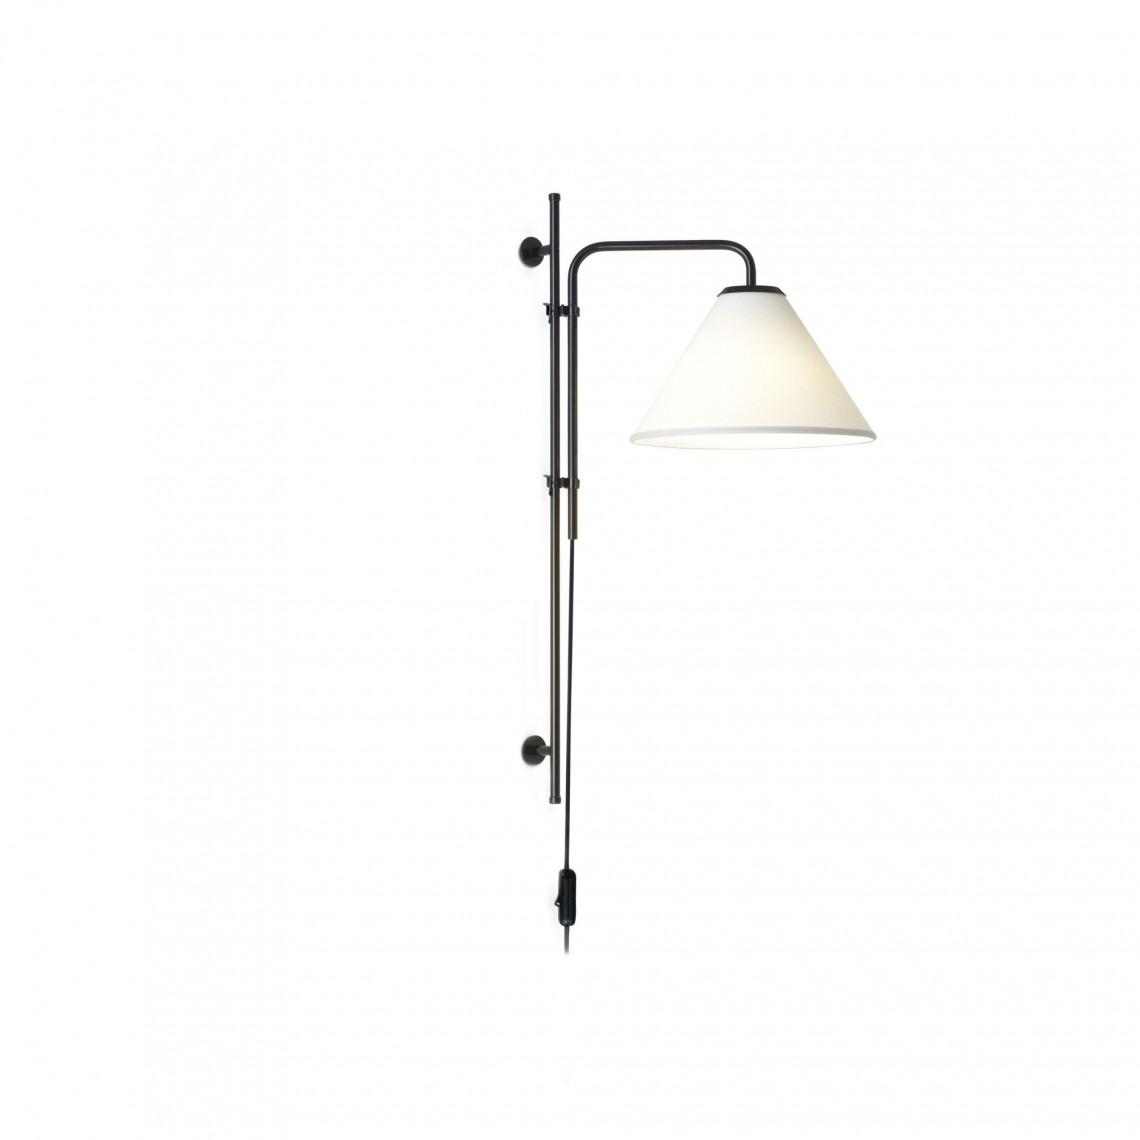 Funiculi A Fabric - Wall Lamp White